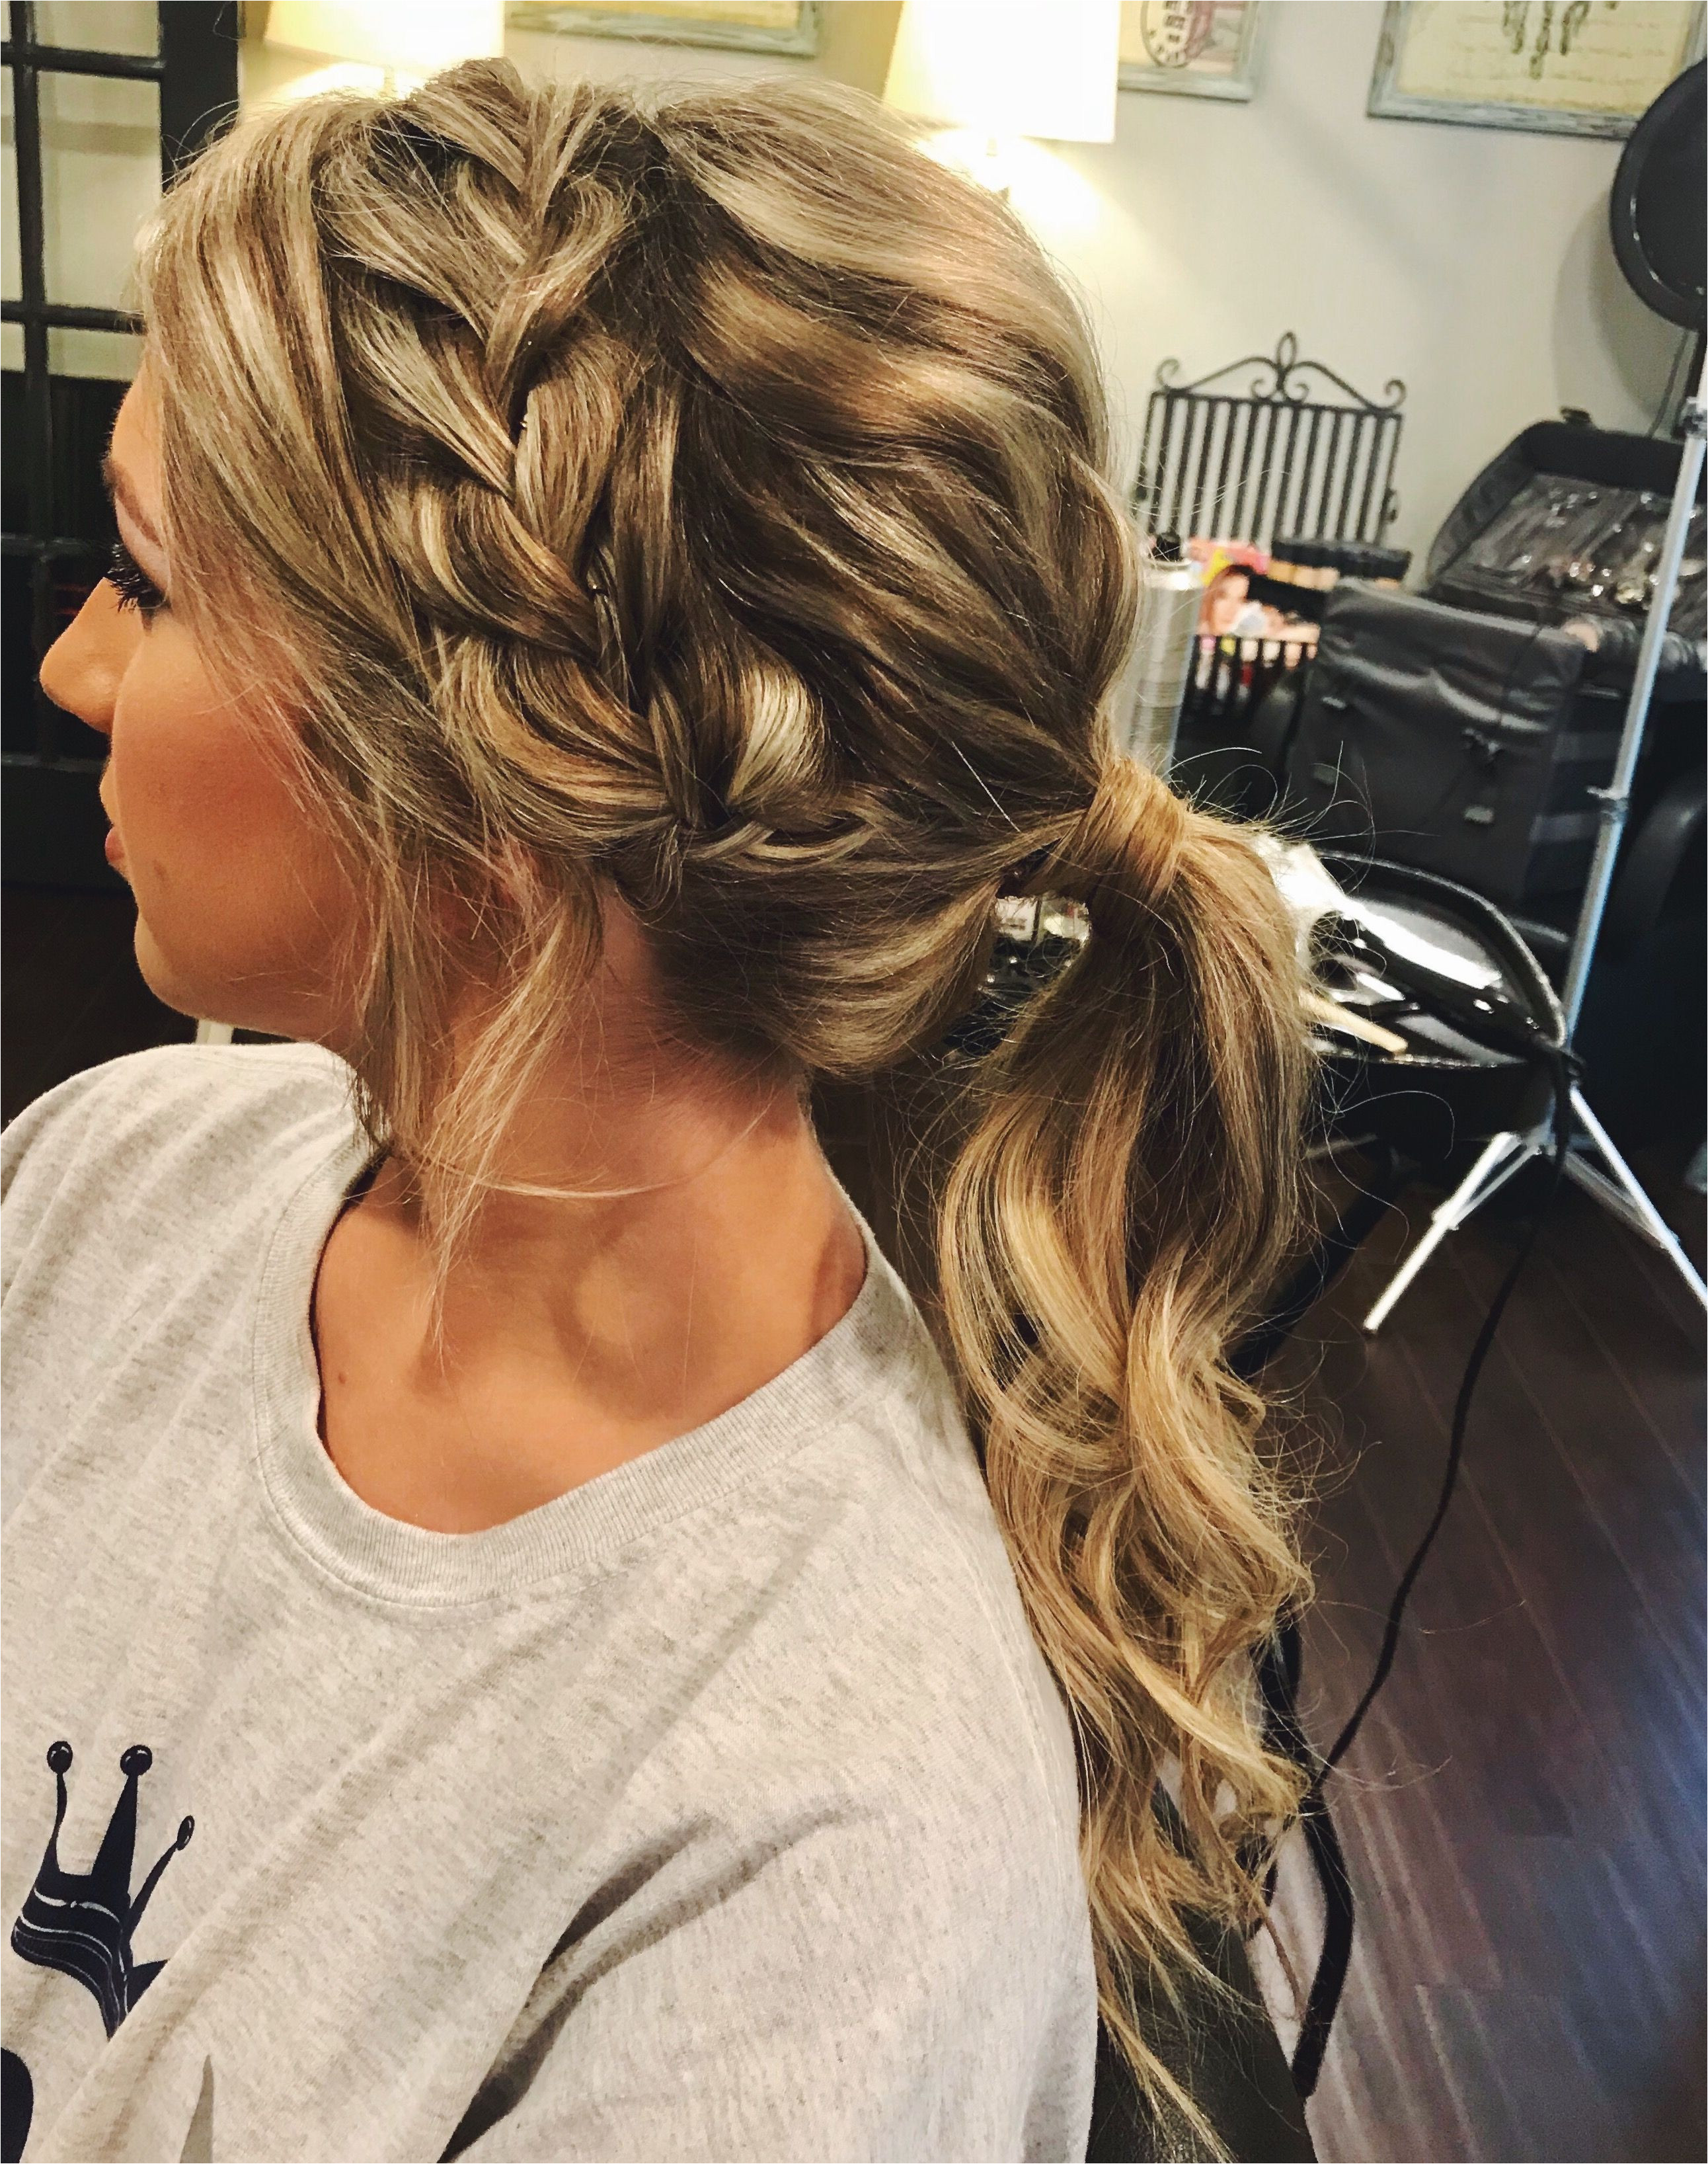 prom hair ponytail updo braid